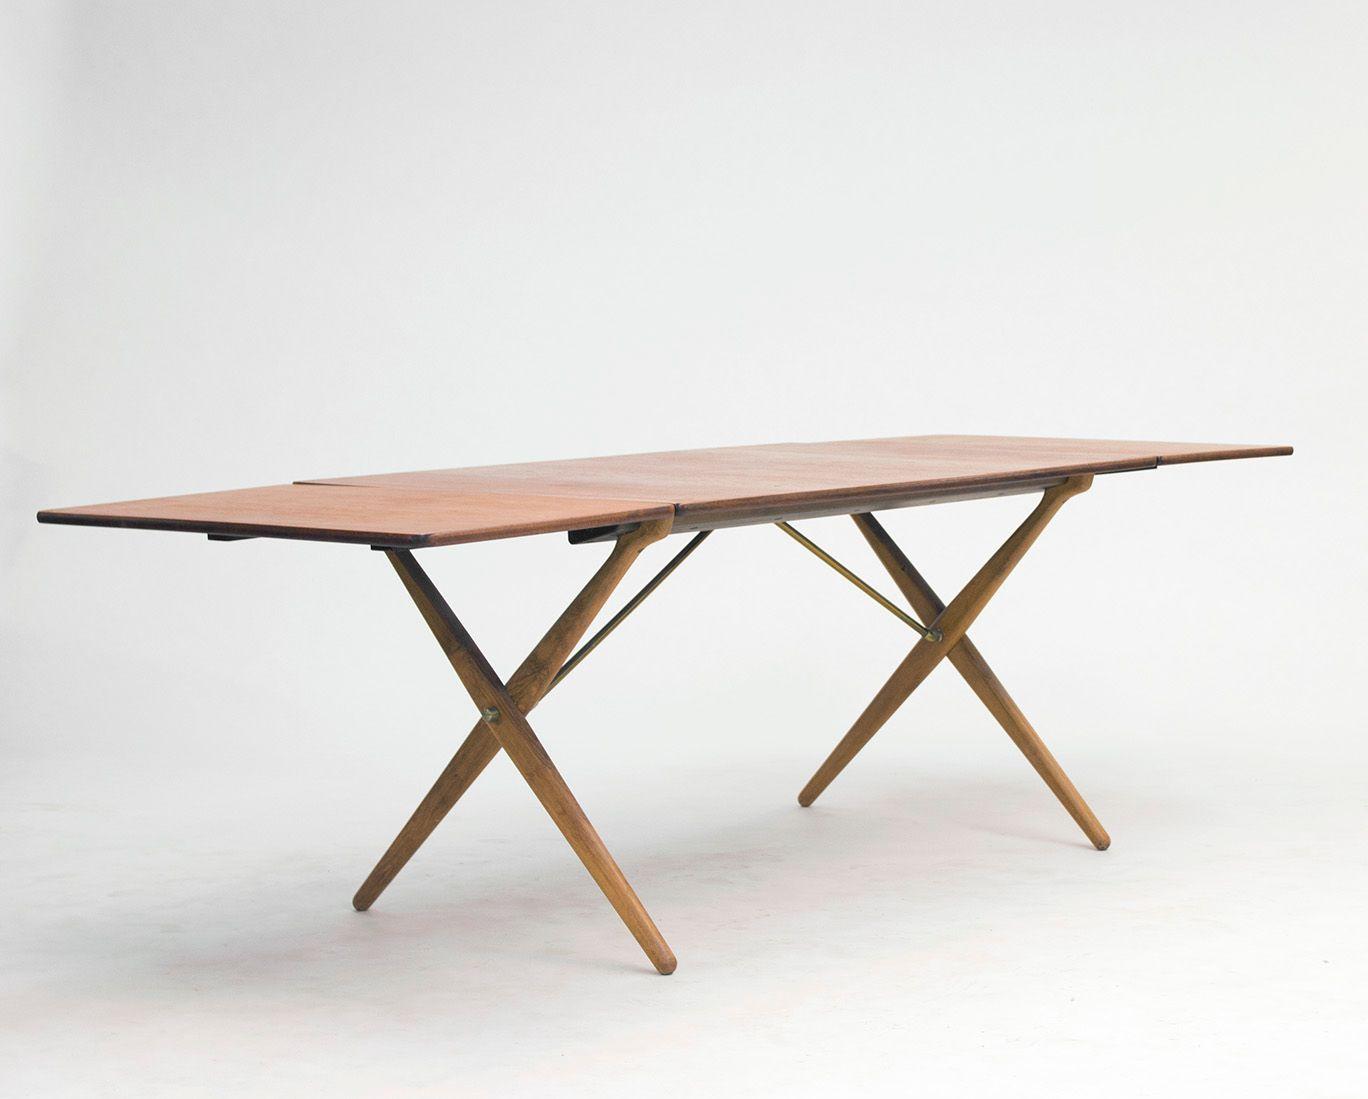 Table de salle manger en teck et ch ne avec pieds for Table de salle a manger en teck